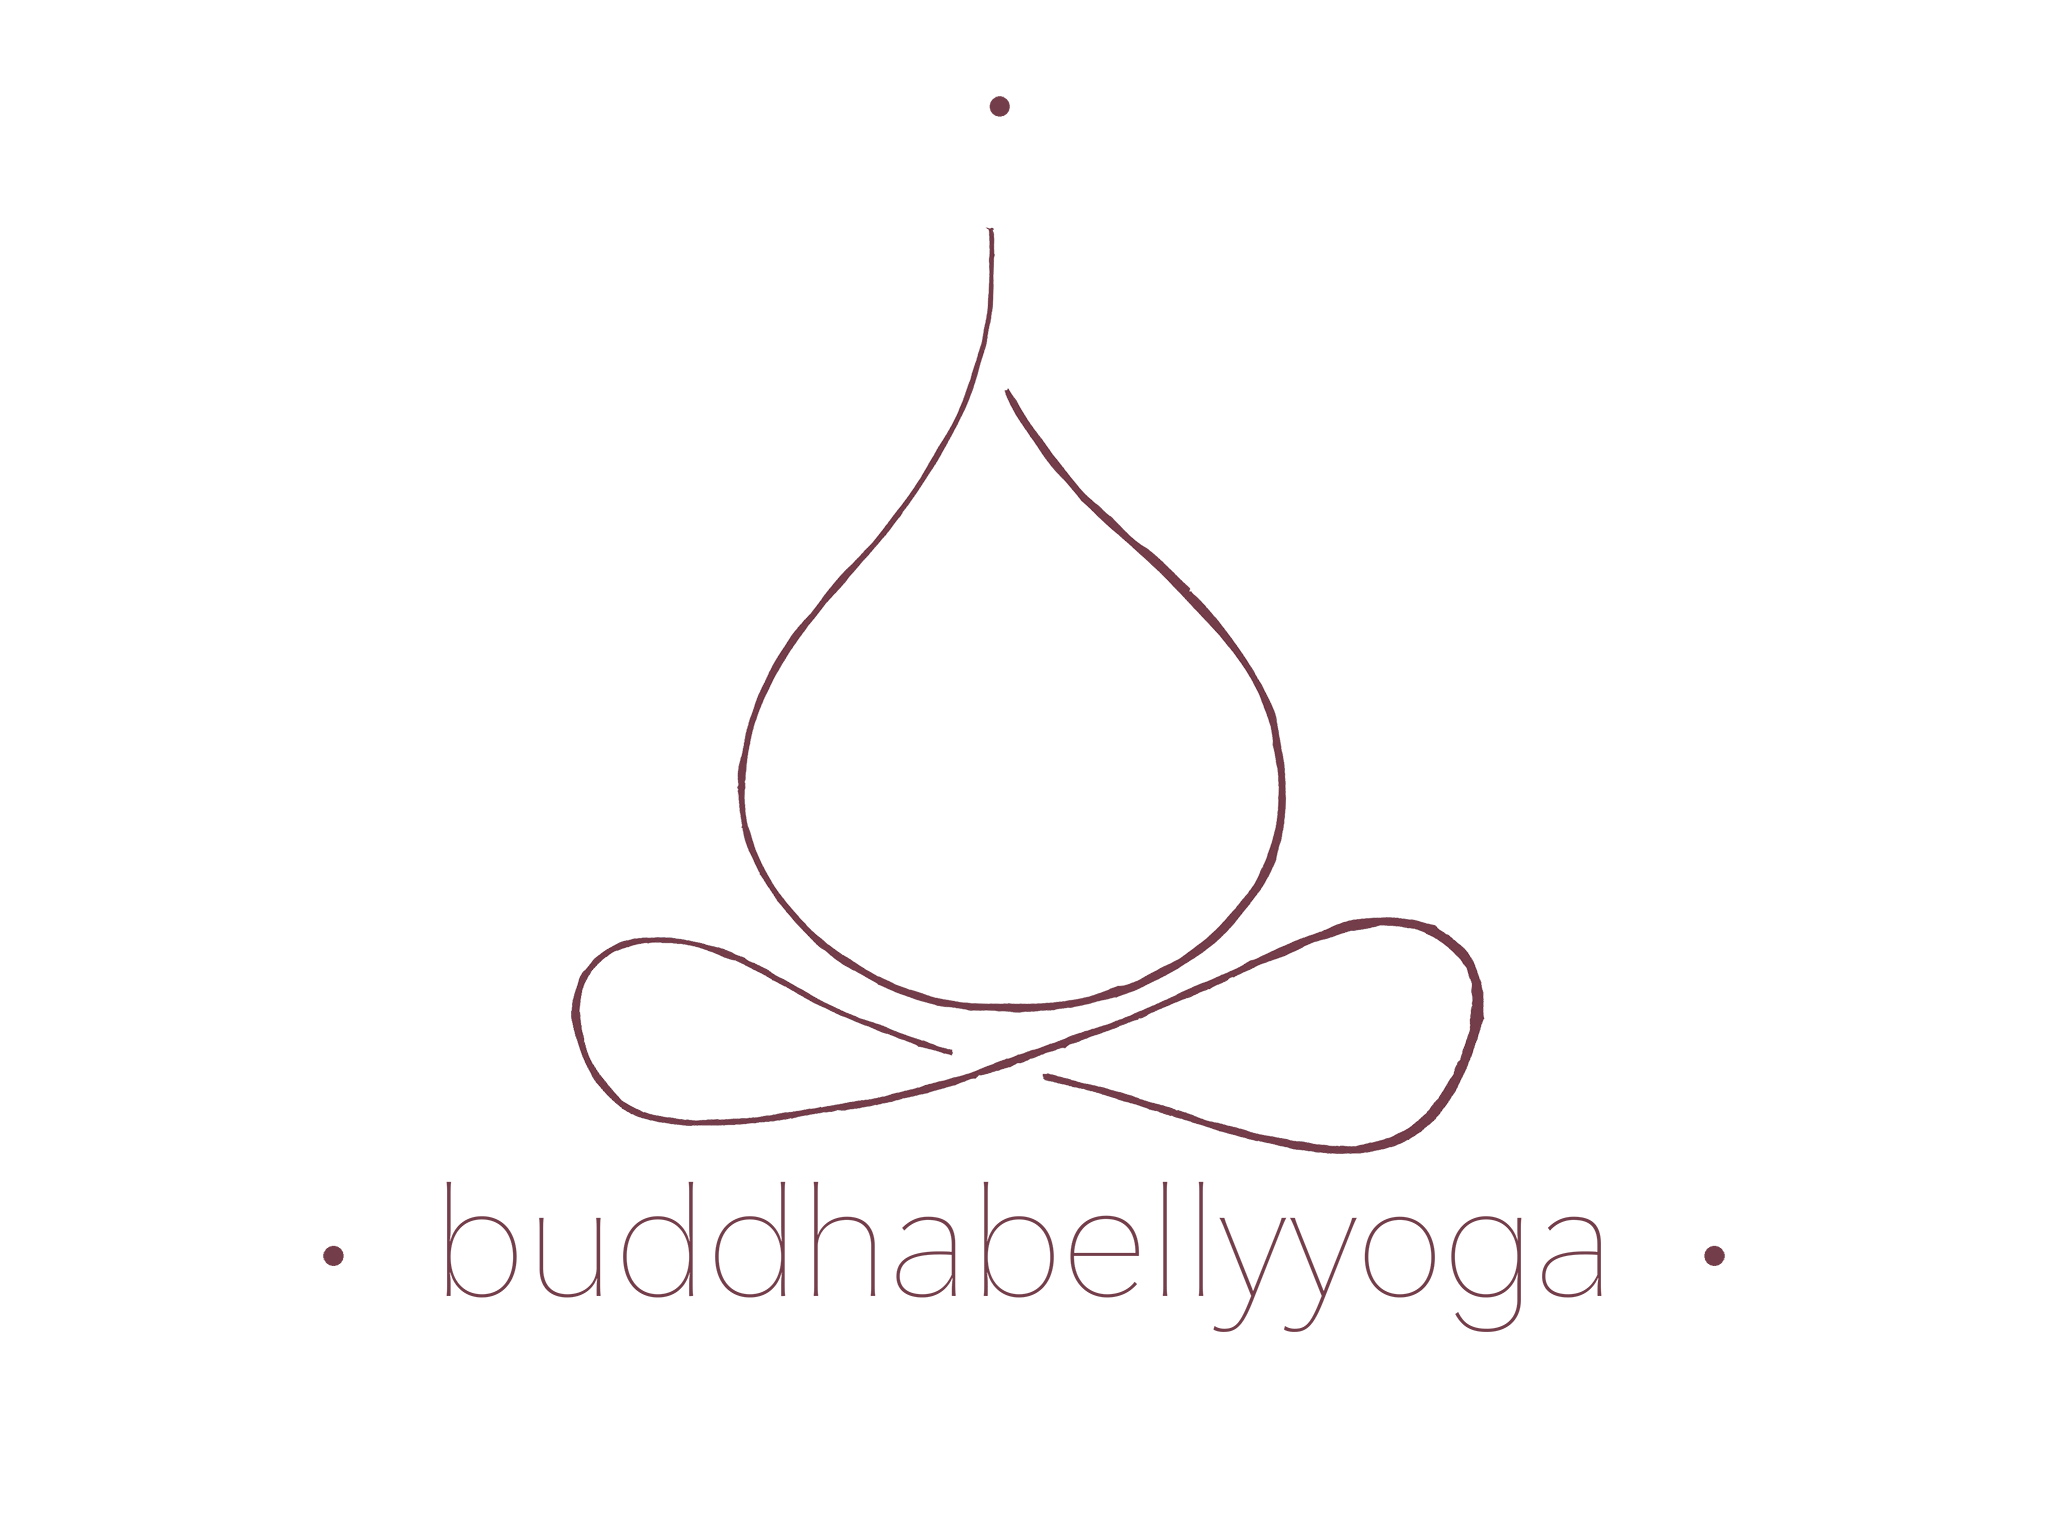 buddhabellyyoga_logo